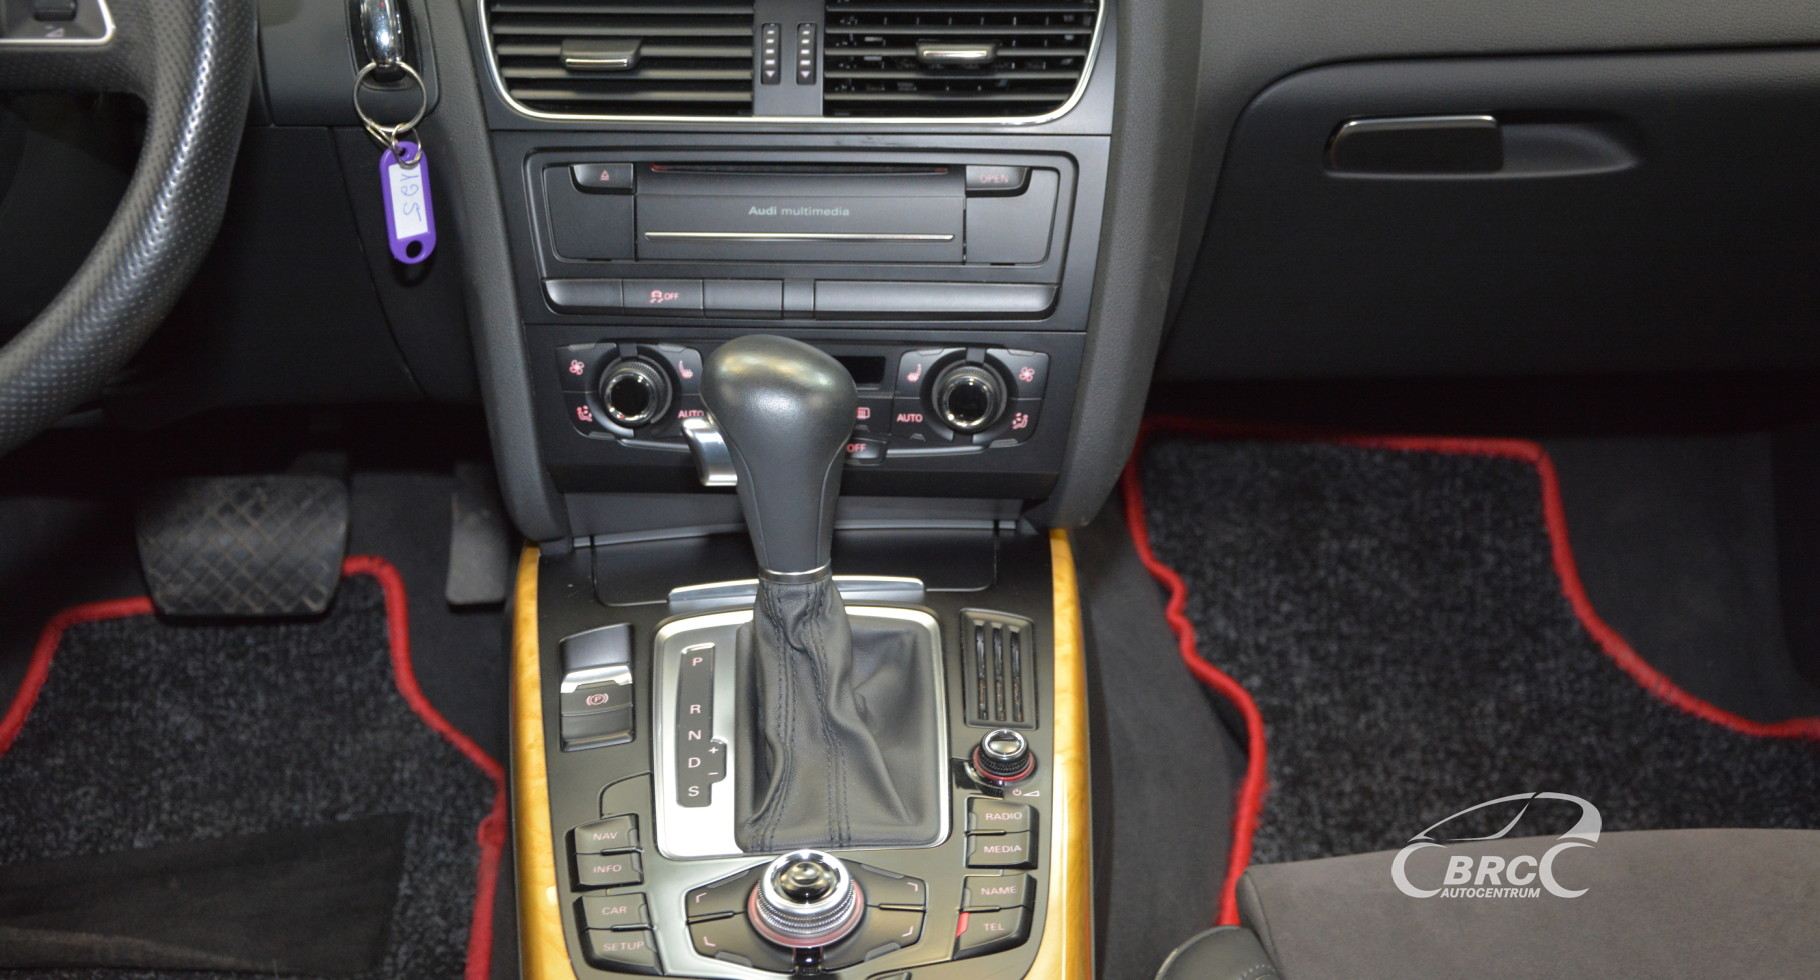 Audi A5 Sportback 2.7 TDI Automatas